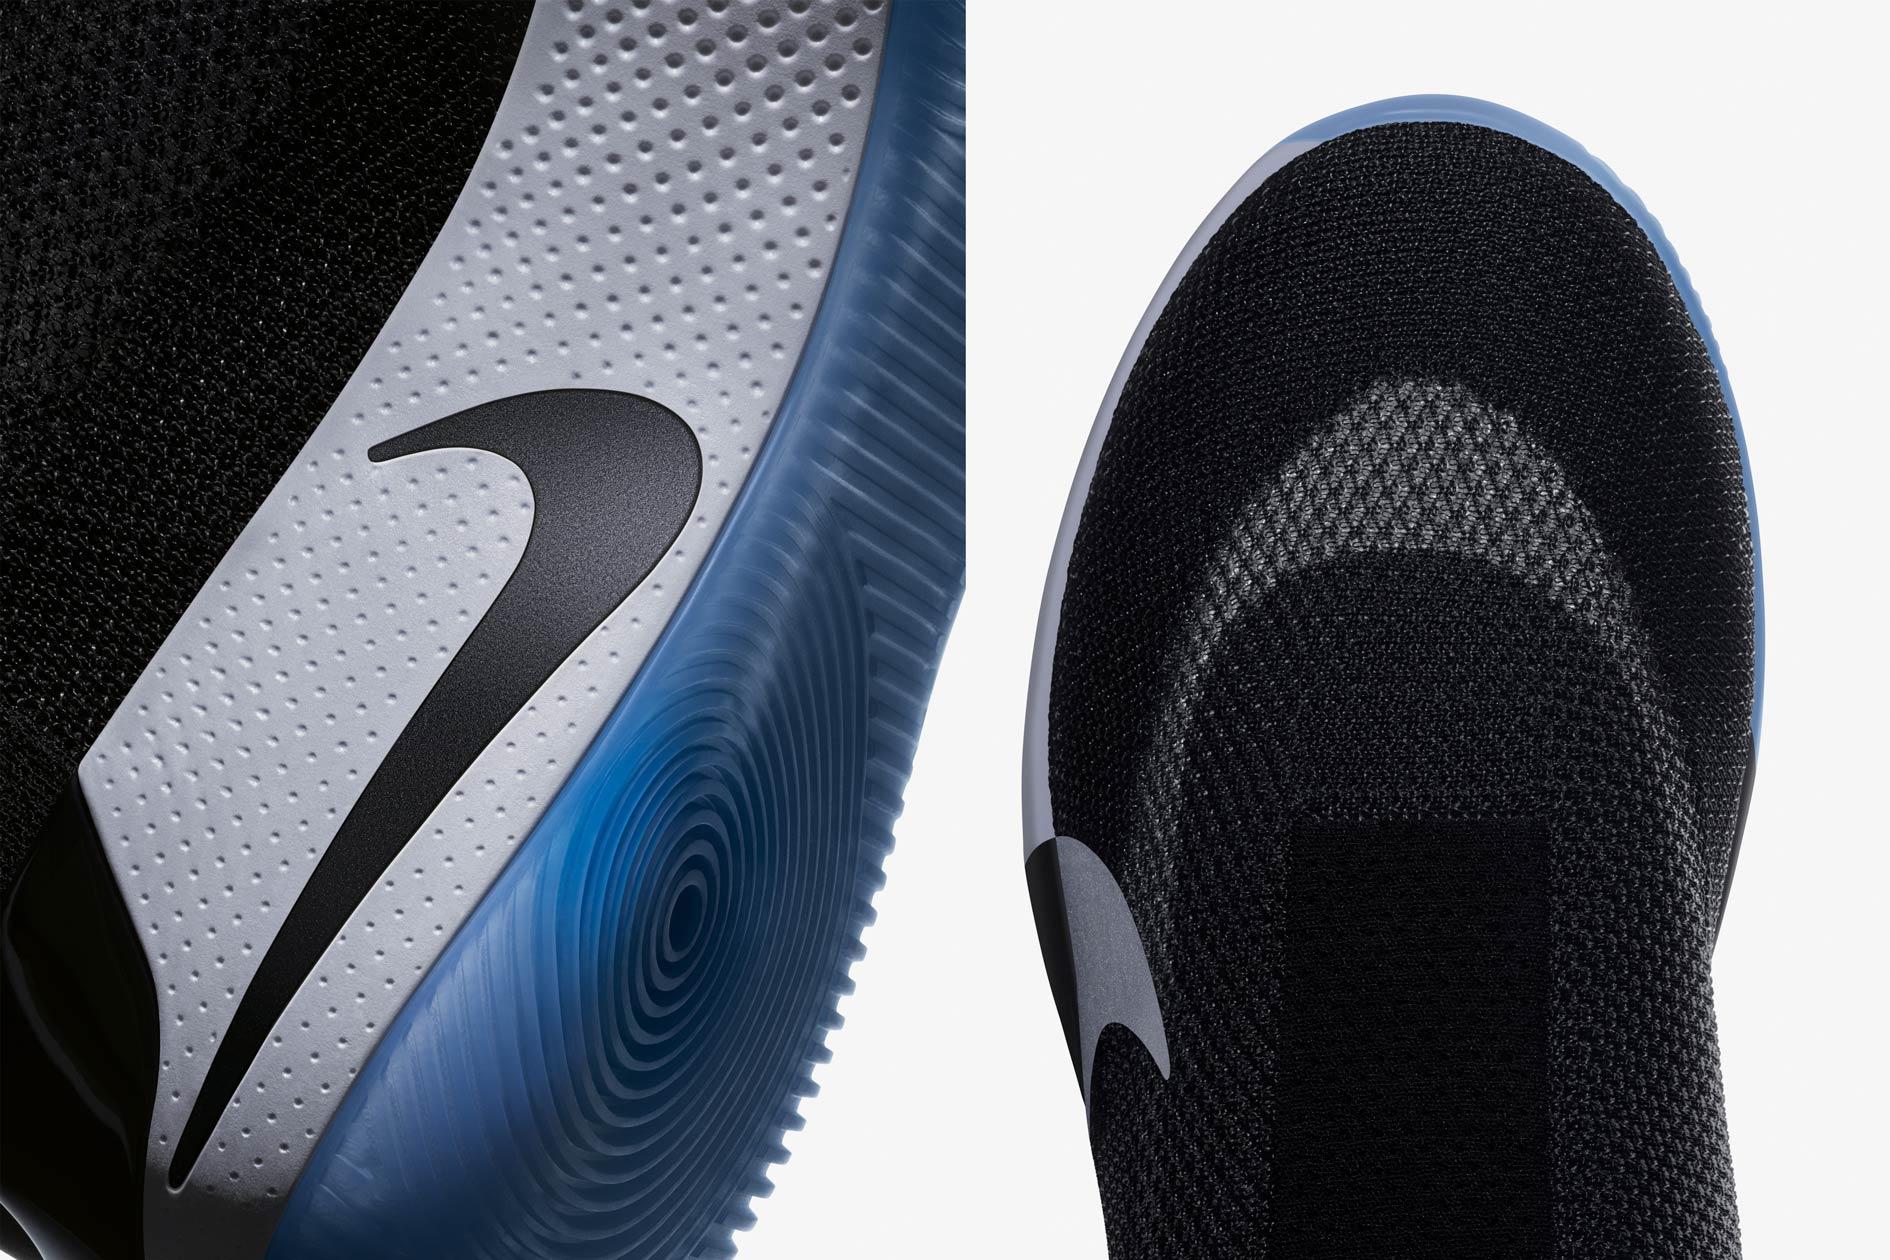 Nike Adapt BB: Reinventado el futuro. – Legendary Kicks